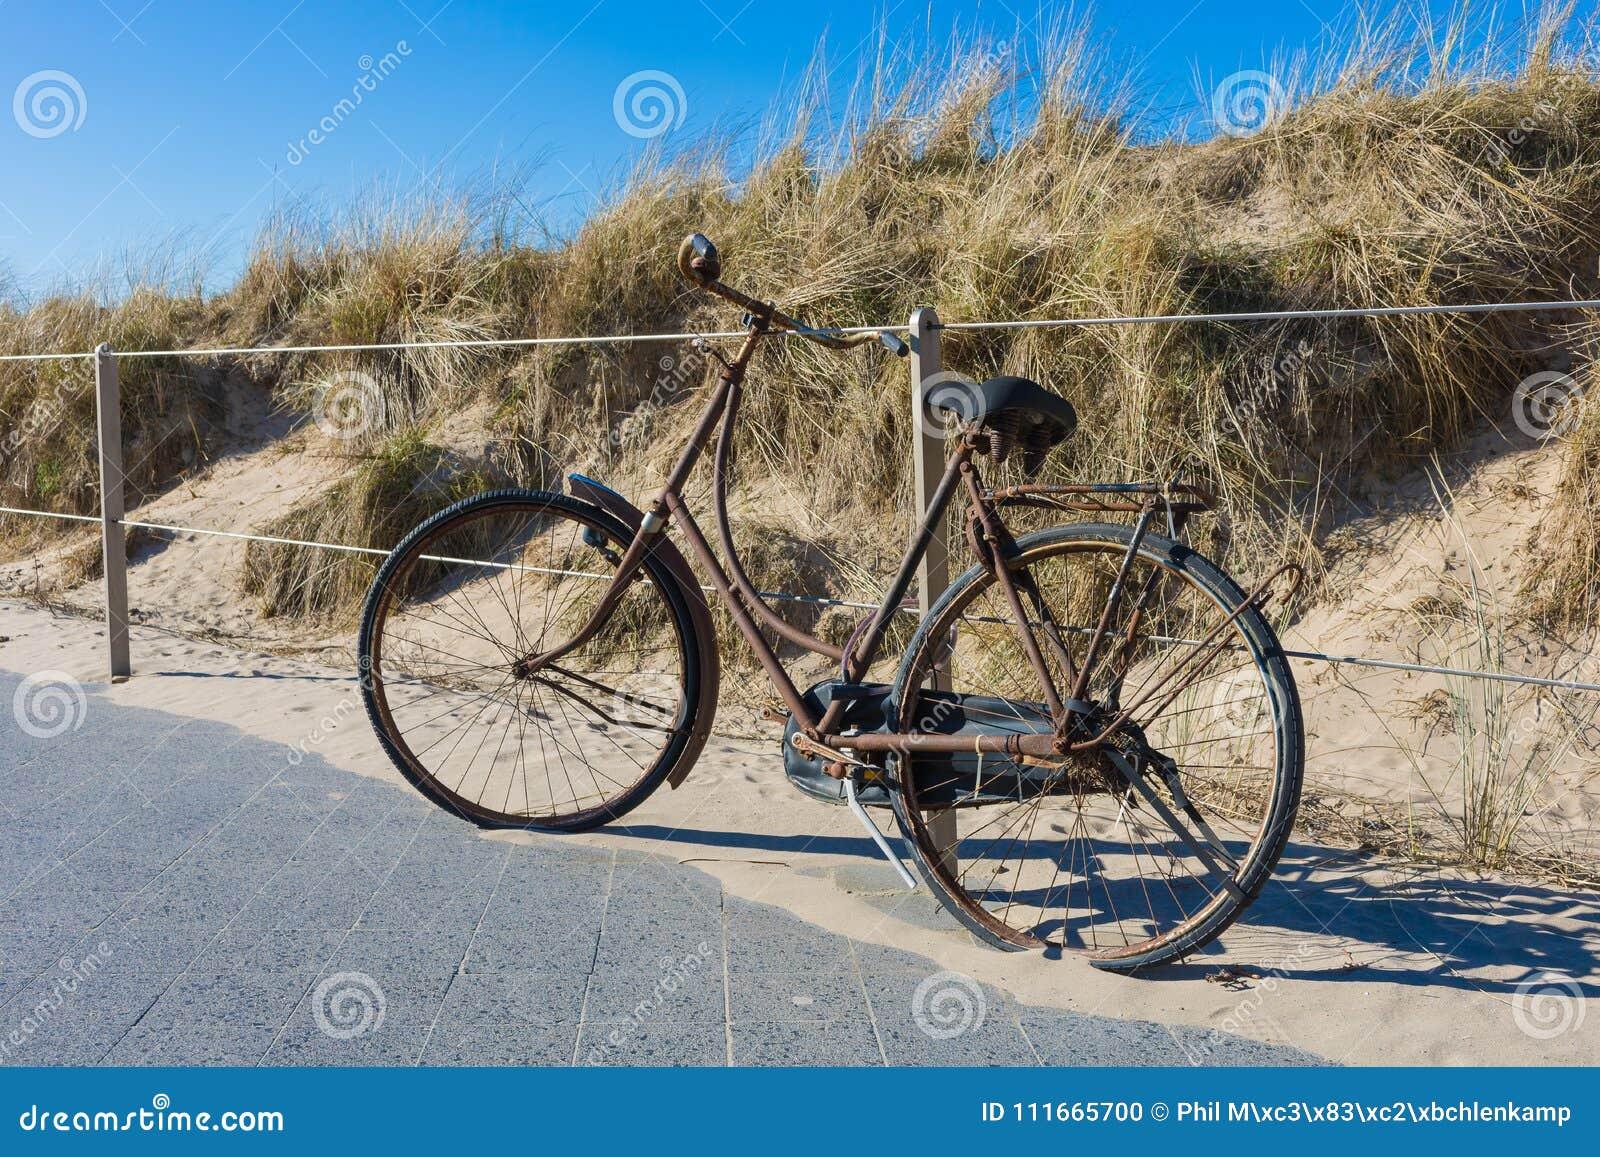 Sehr altes und rostiges Fahrrad, verschlossen zu einem modernen Stahlzaun